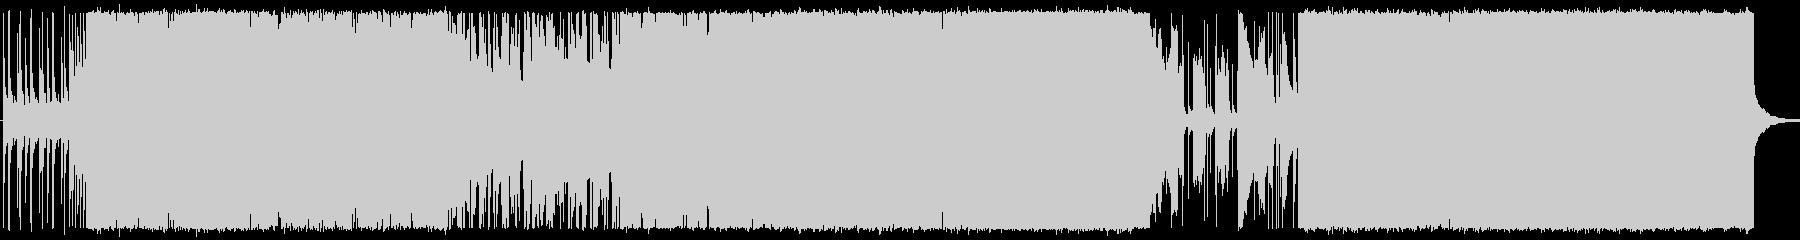 実験的 ロック ポストロック バト...の未再生の波形